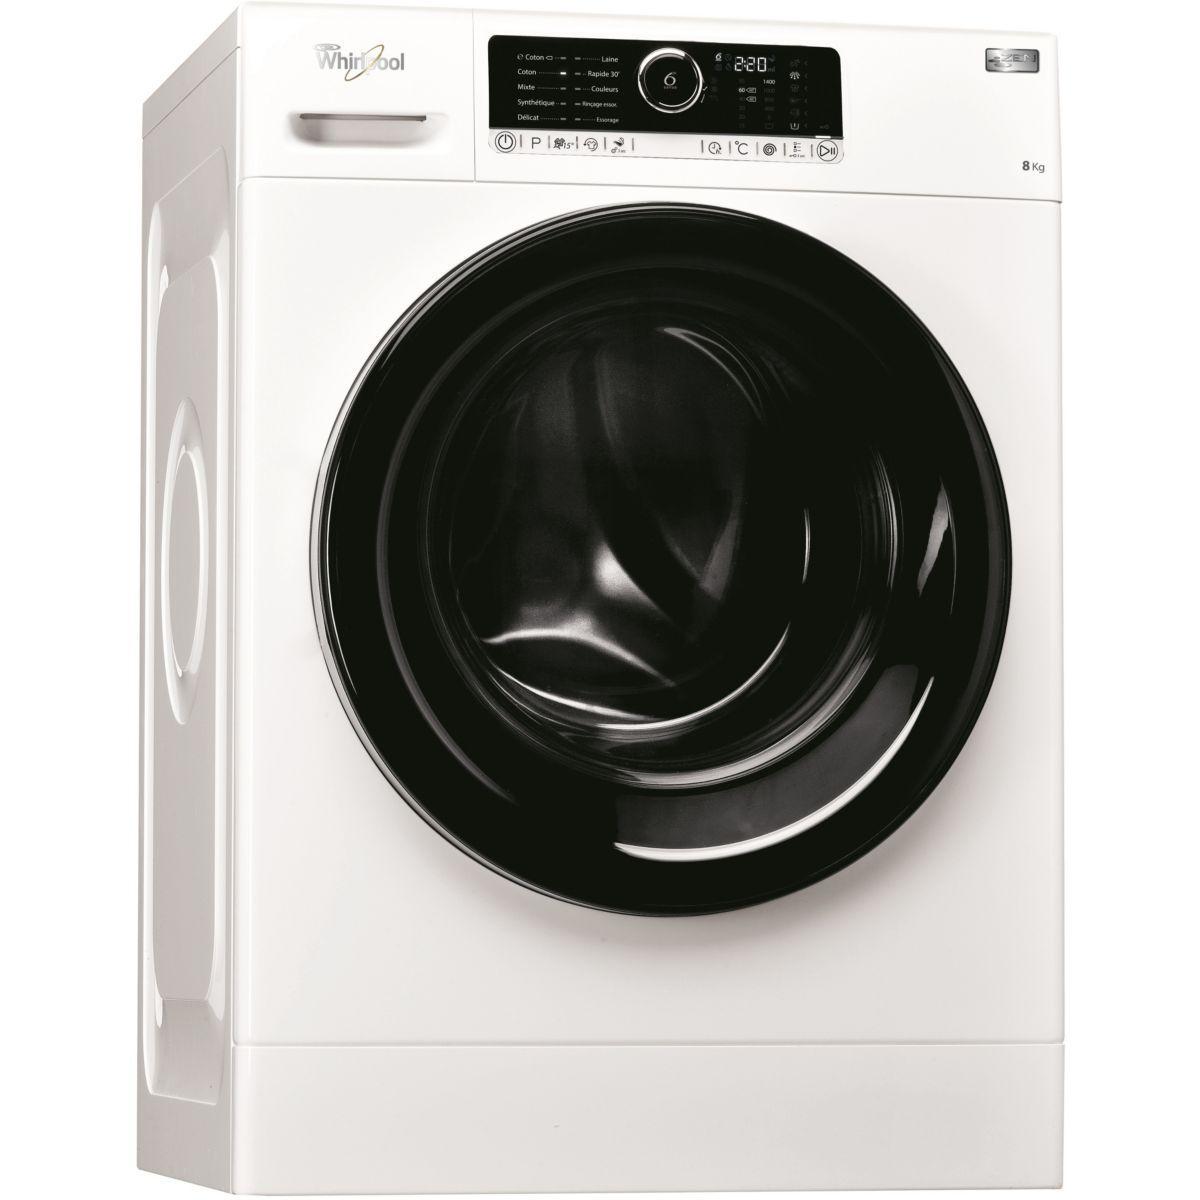 Lave linge hublot whirlpool zen 8 - livraison offerte : code livp